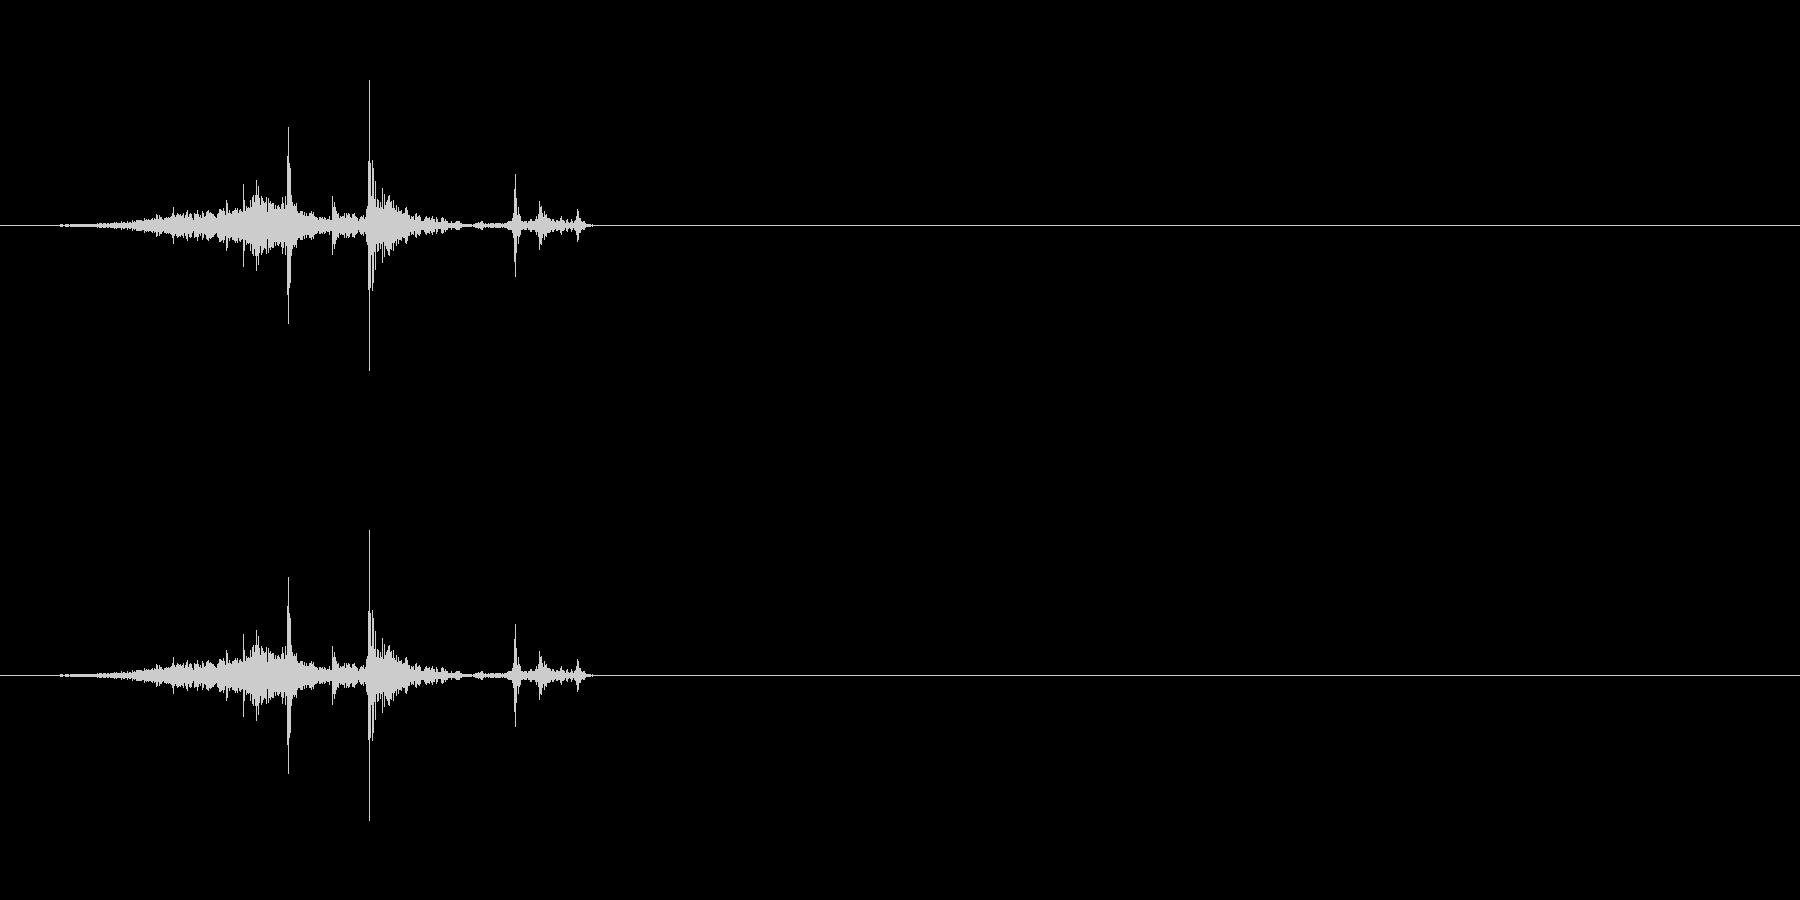 ページをめくる[硬い紙]#3の未再生の波形